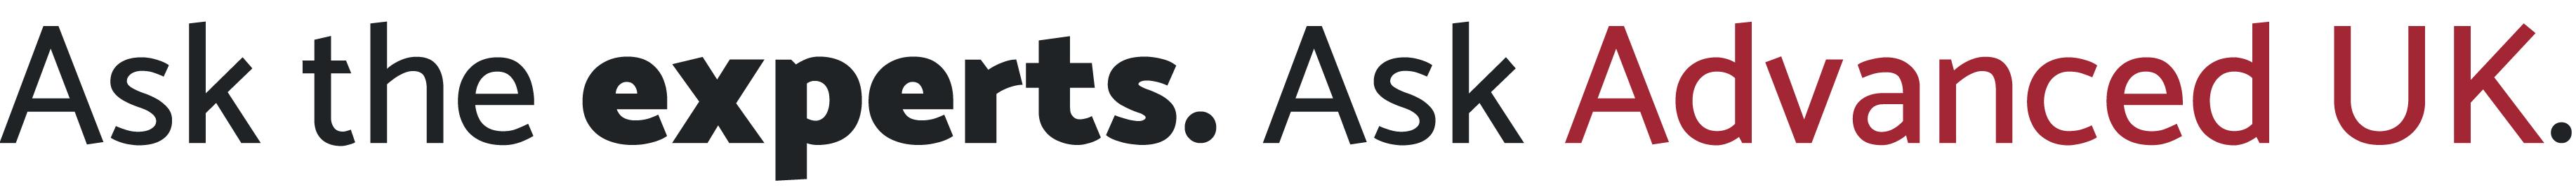 ADVUK_AskExperts_JPG